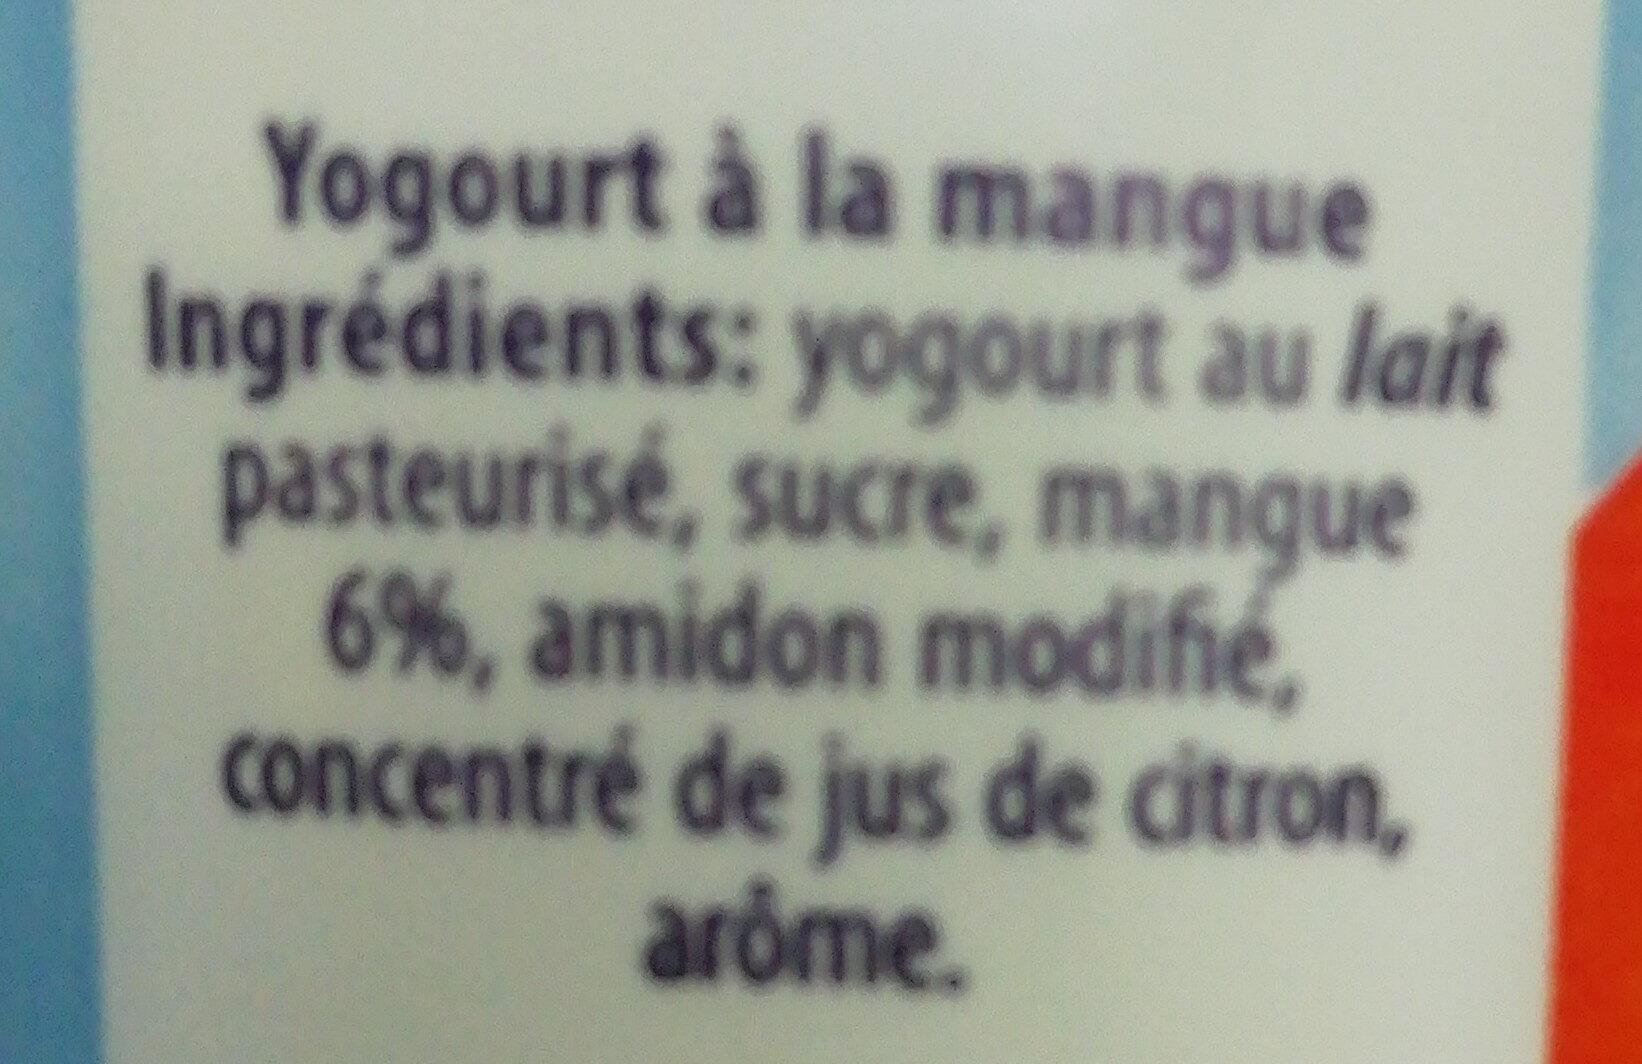 Yoghurt Mangue - Ingredients